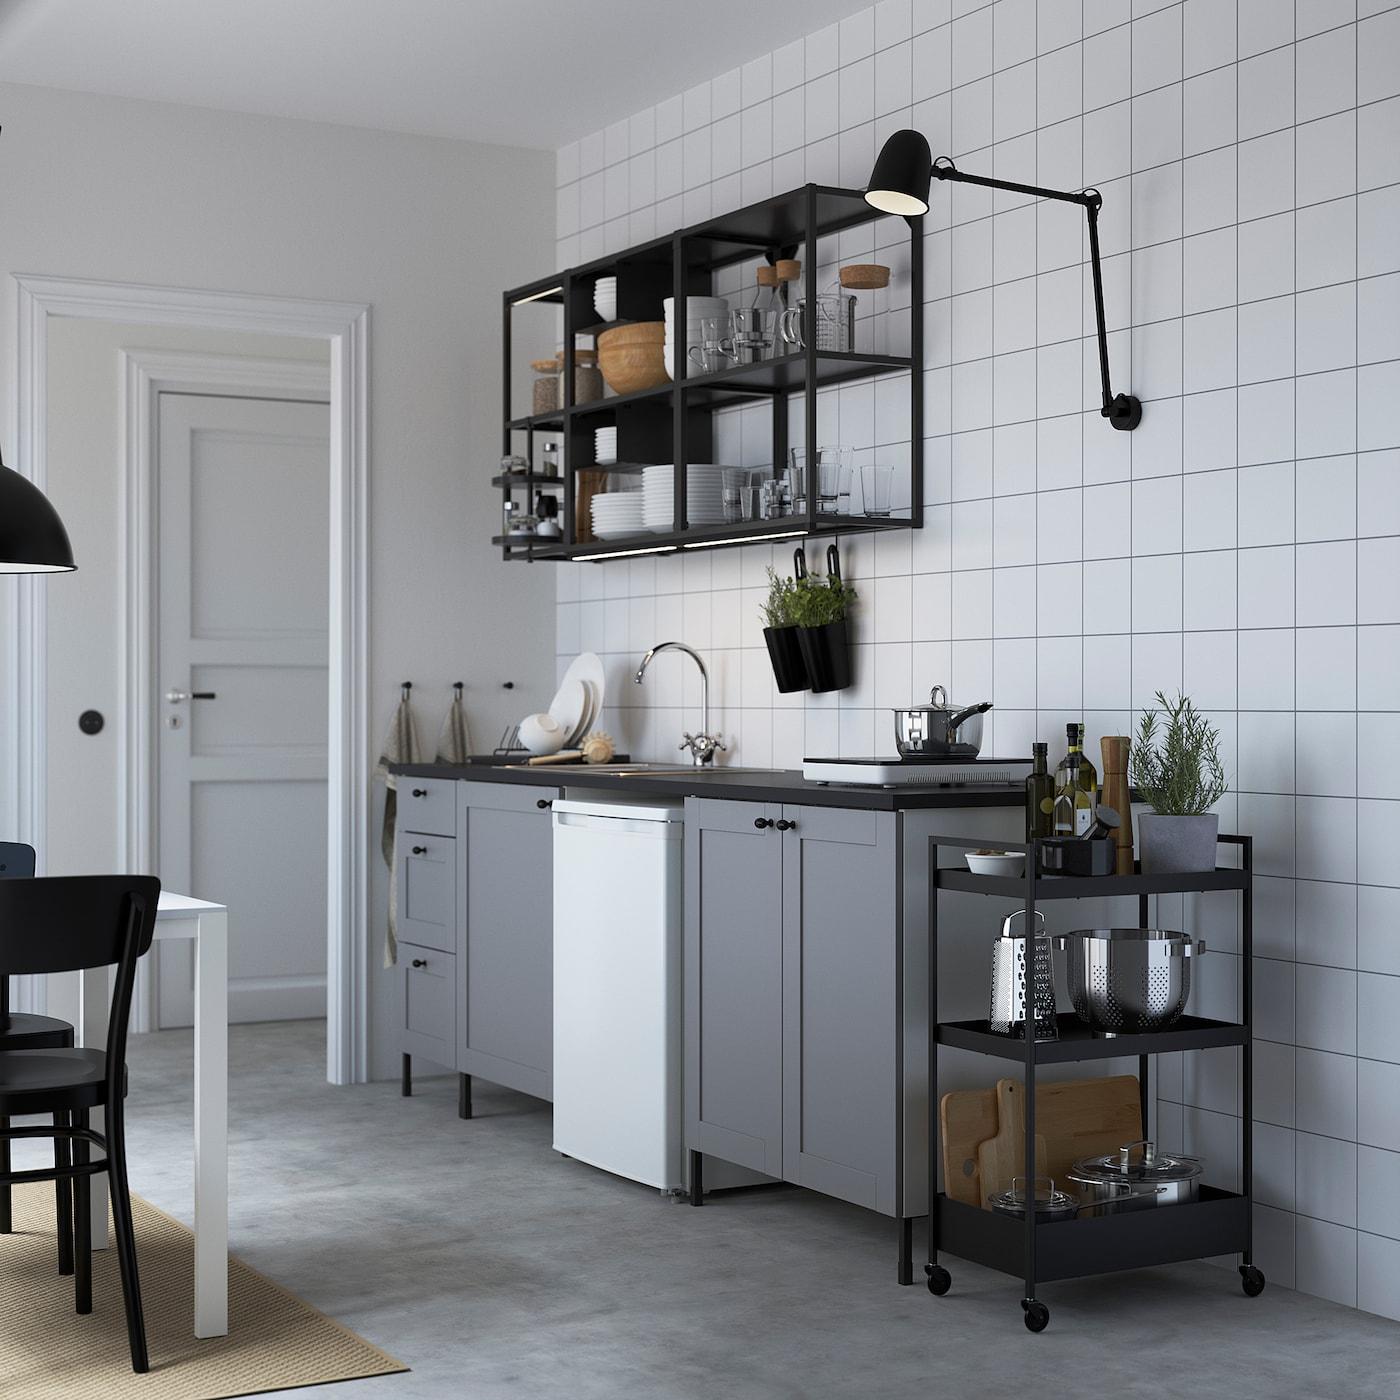 Enhet Kuche Anthrazit Grau Rahmen Ikea Deutschland